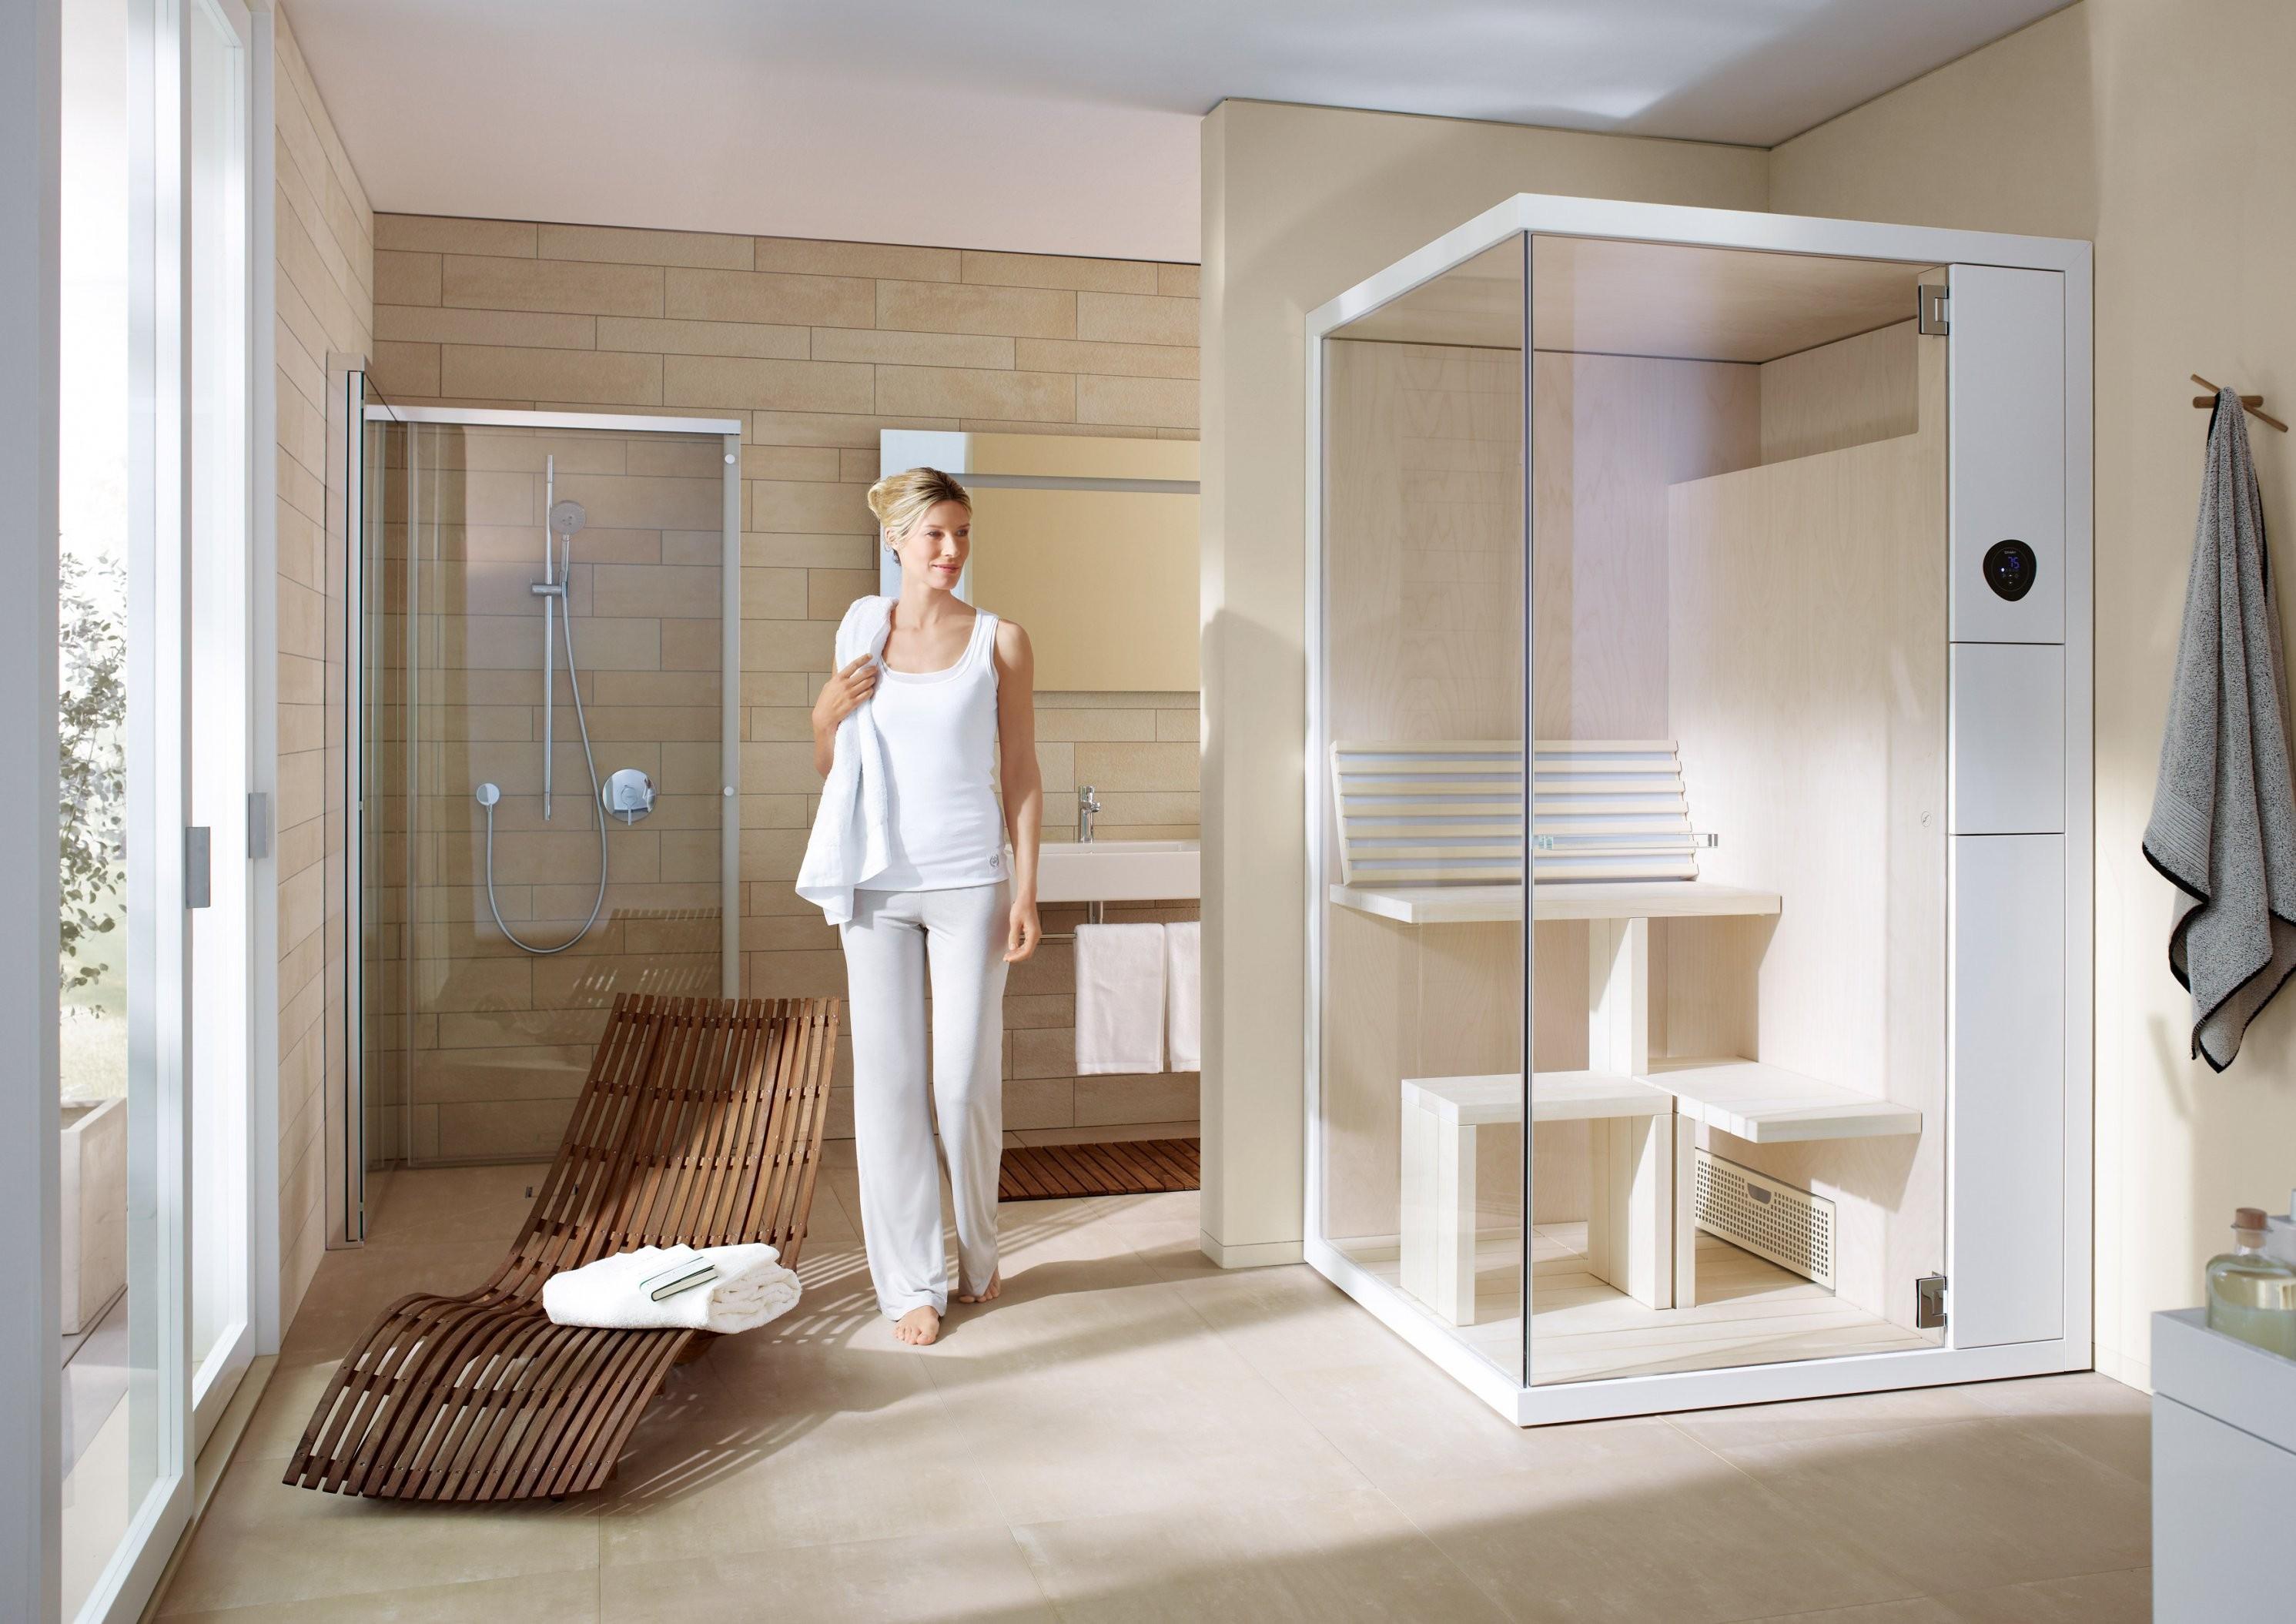 Wellness Badezimmer  Wellness Für Zu Hause  Duravit von Wellness Badezimmer Ideen Bild